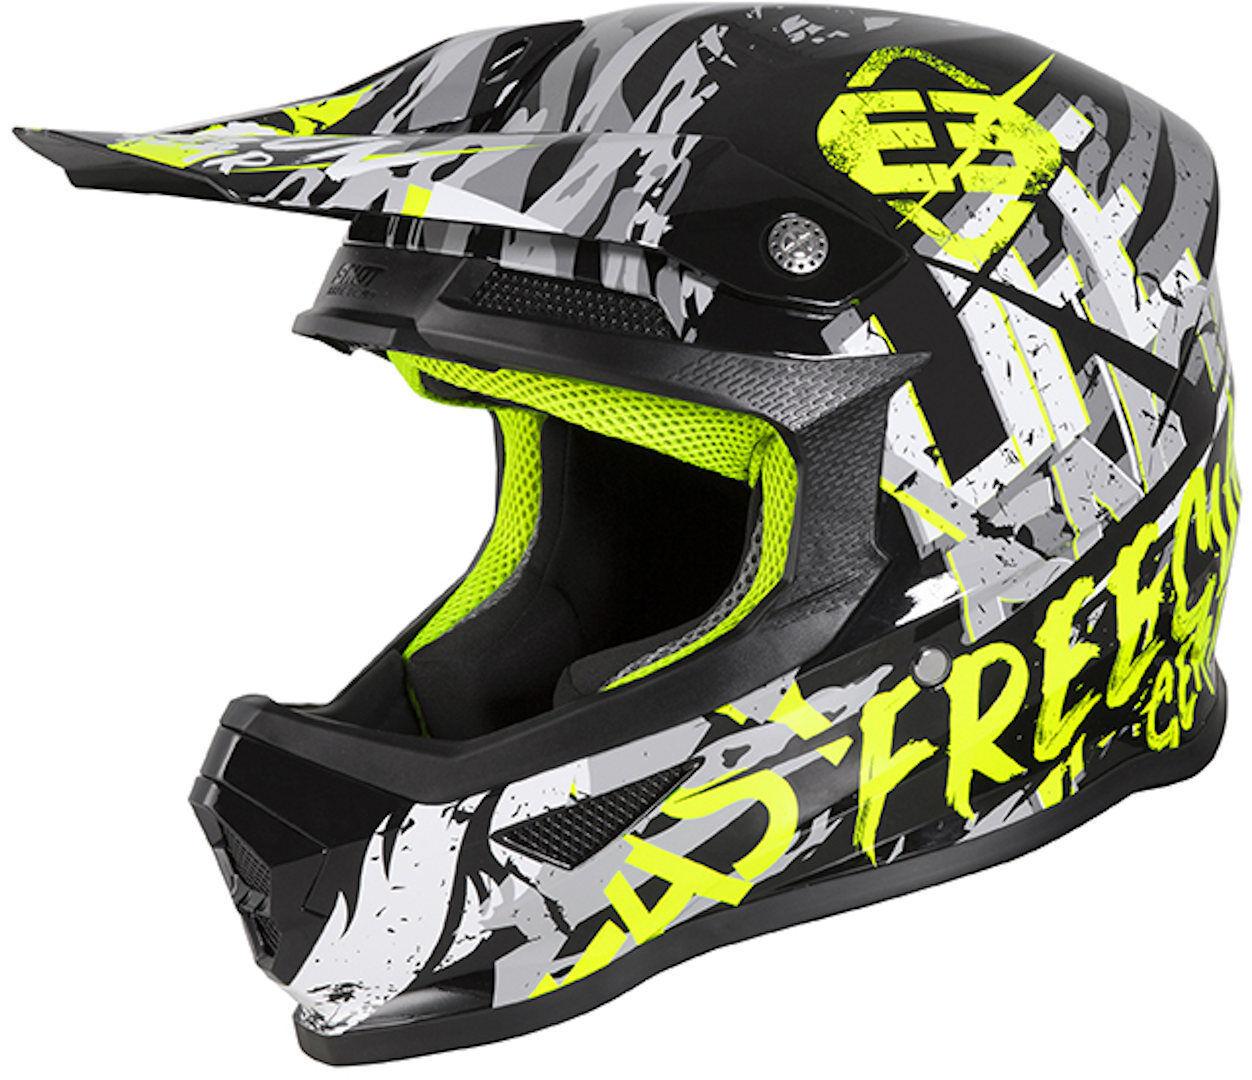 Freegun XP4 Maniac Casco Motocross per bambini Nero Giallo M